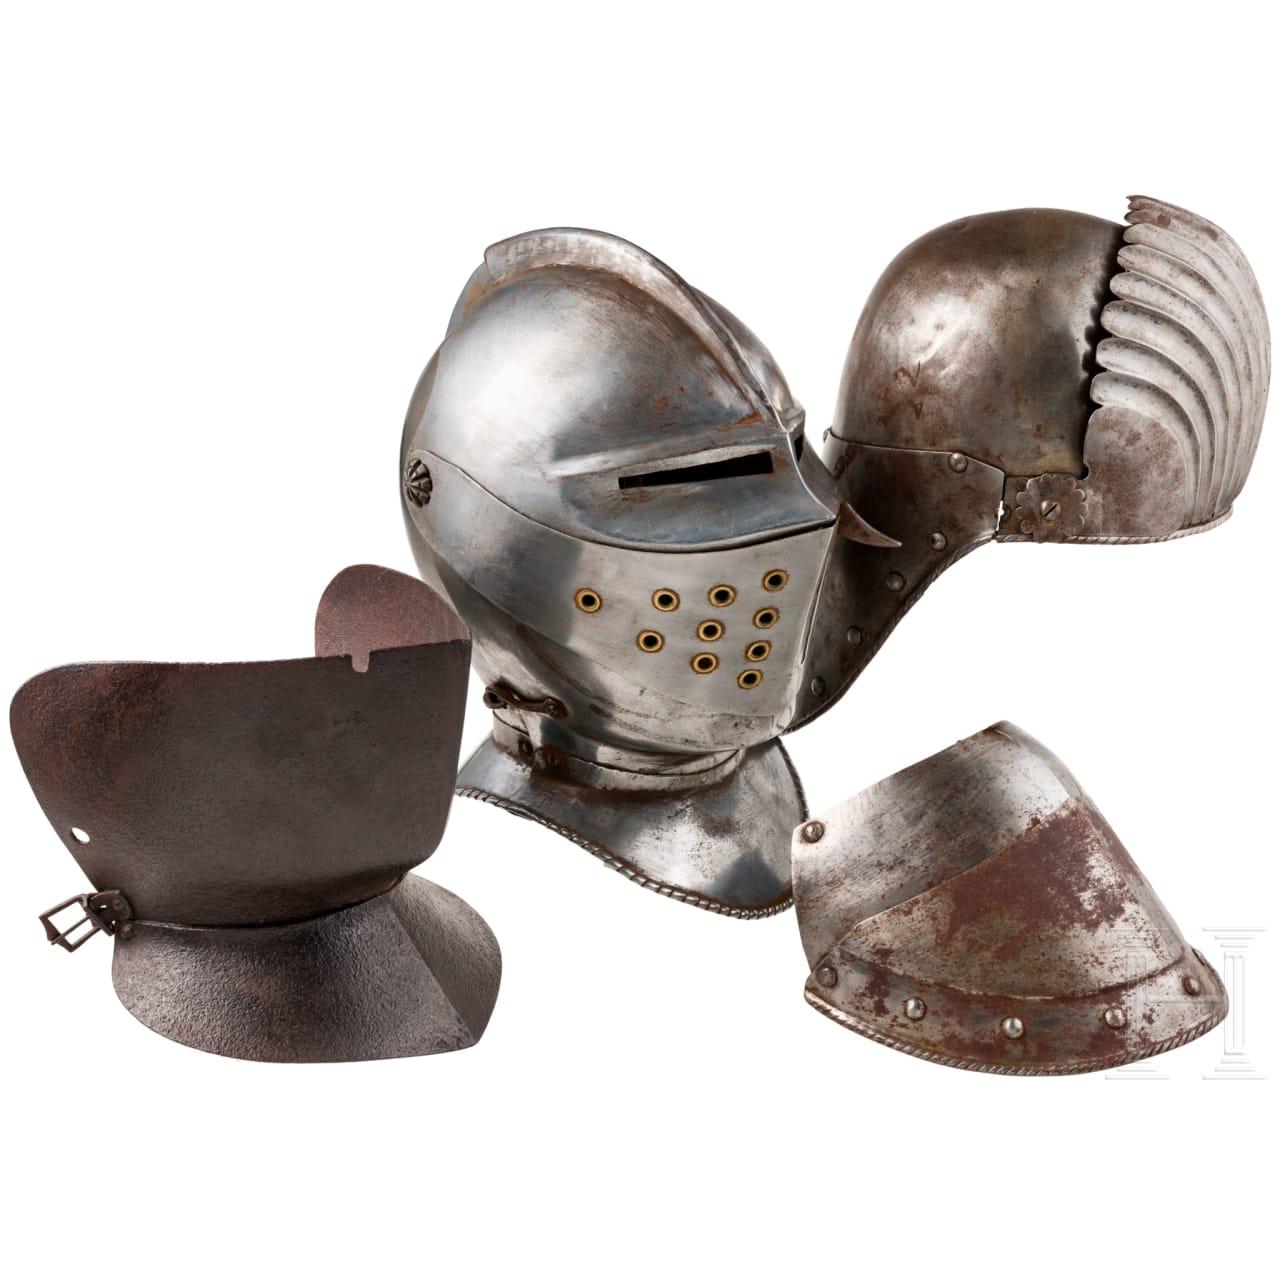 Zwei Helme im Stil des 15. bzw. 16 Jhdts., Sammleranfertigungen des Historismus